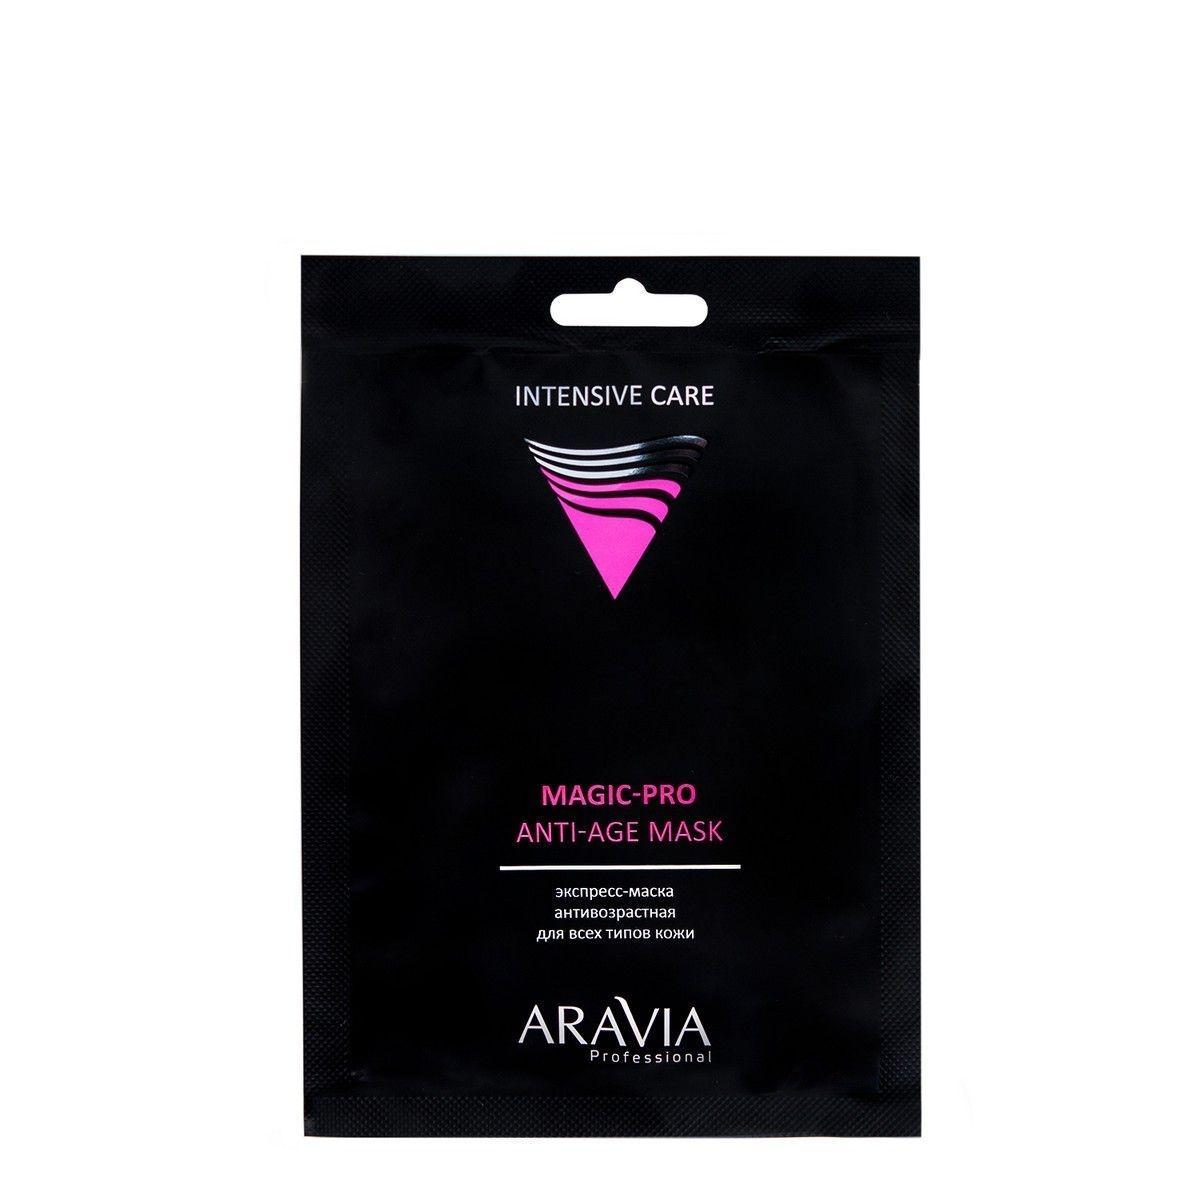 ARAVIA Экспресс-Маска Magic Pro Anti-Age Mask Антивозрастная для всех Типов Кожи, 1 шт